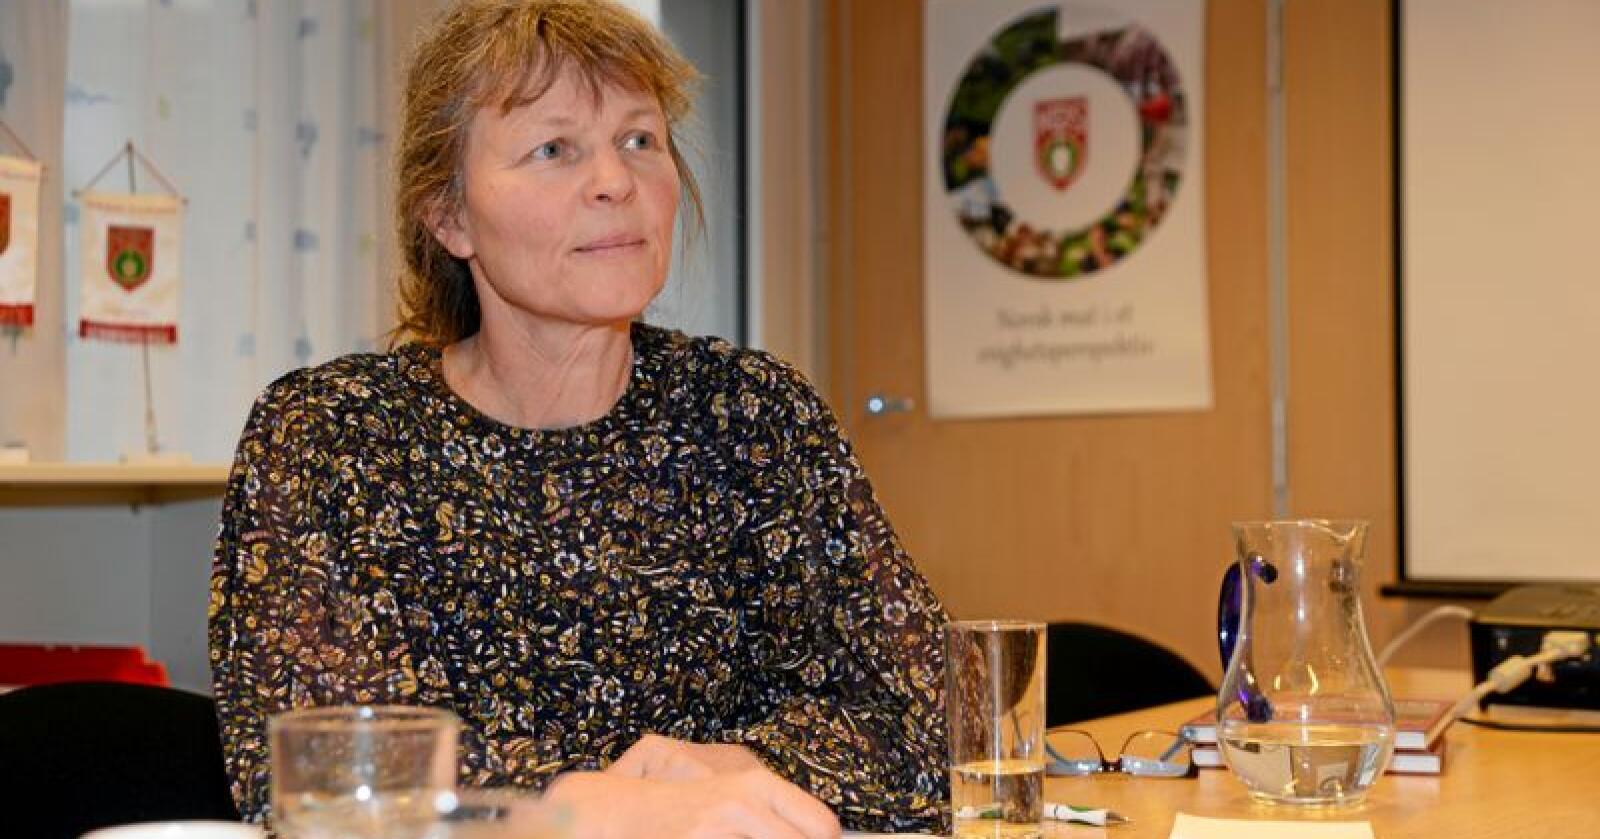 Leder i Norsk-Bonde- og Småbrukarlag tror at merking av matens opprinnelsesland på restauranter vil gjøre forbrukerne mer bevisste. Foto: Mariann Tvete